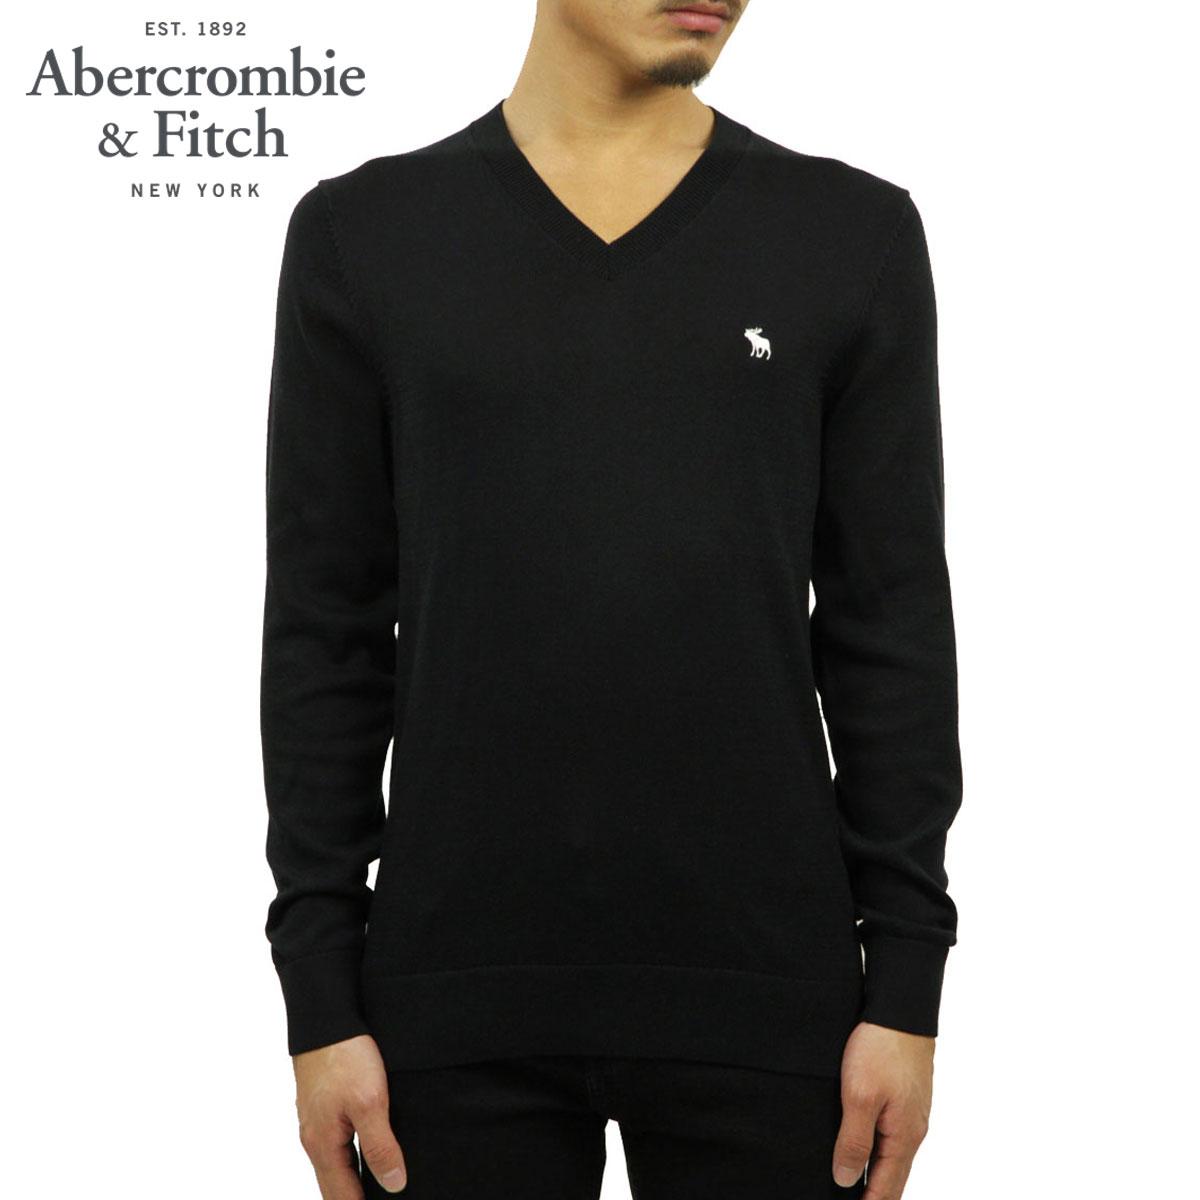 アバクロ セーター メンズ 正規品 Abercrombie&Fitch Vネックセーター ワンポイントロゴ  THE A&F ICON V-NECK SWEATER 120-201-1574-900 A02B B1C C1D D7E E13F